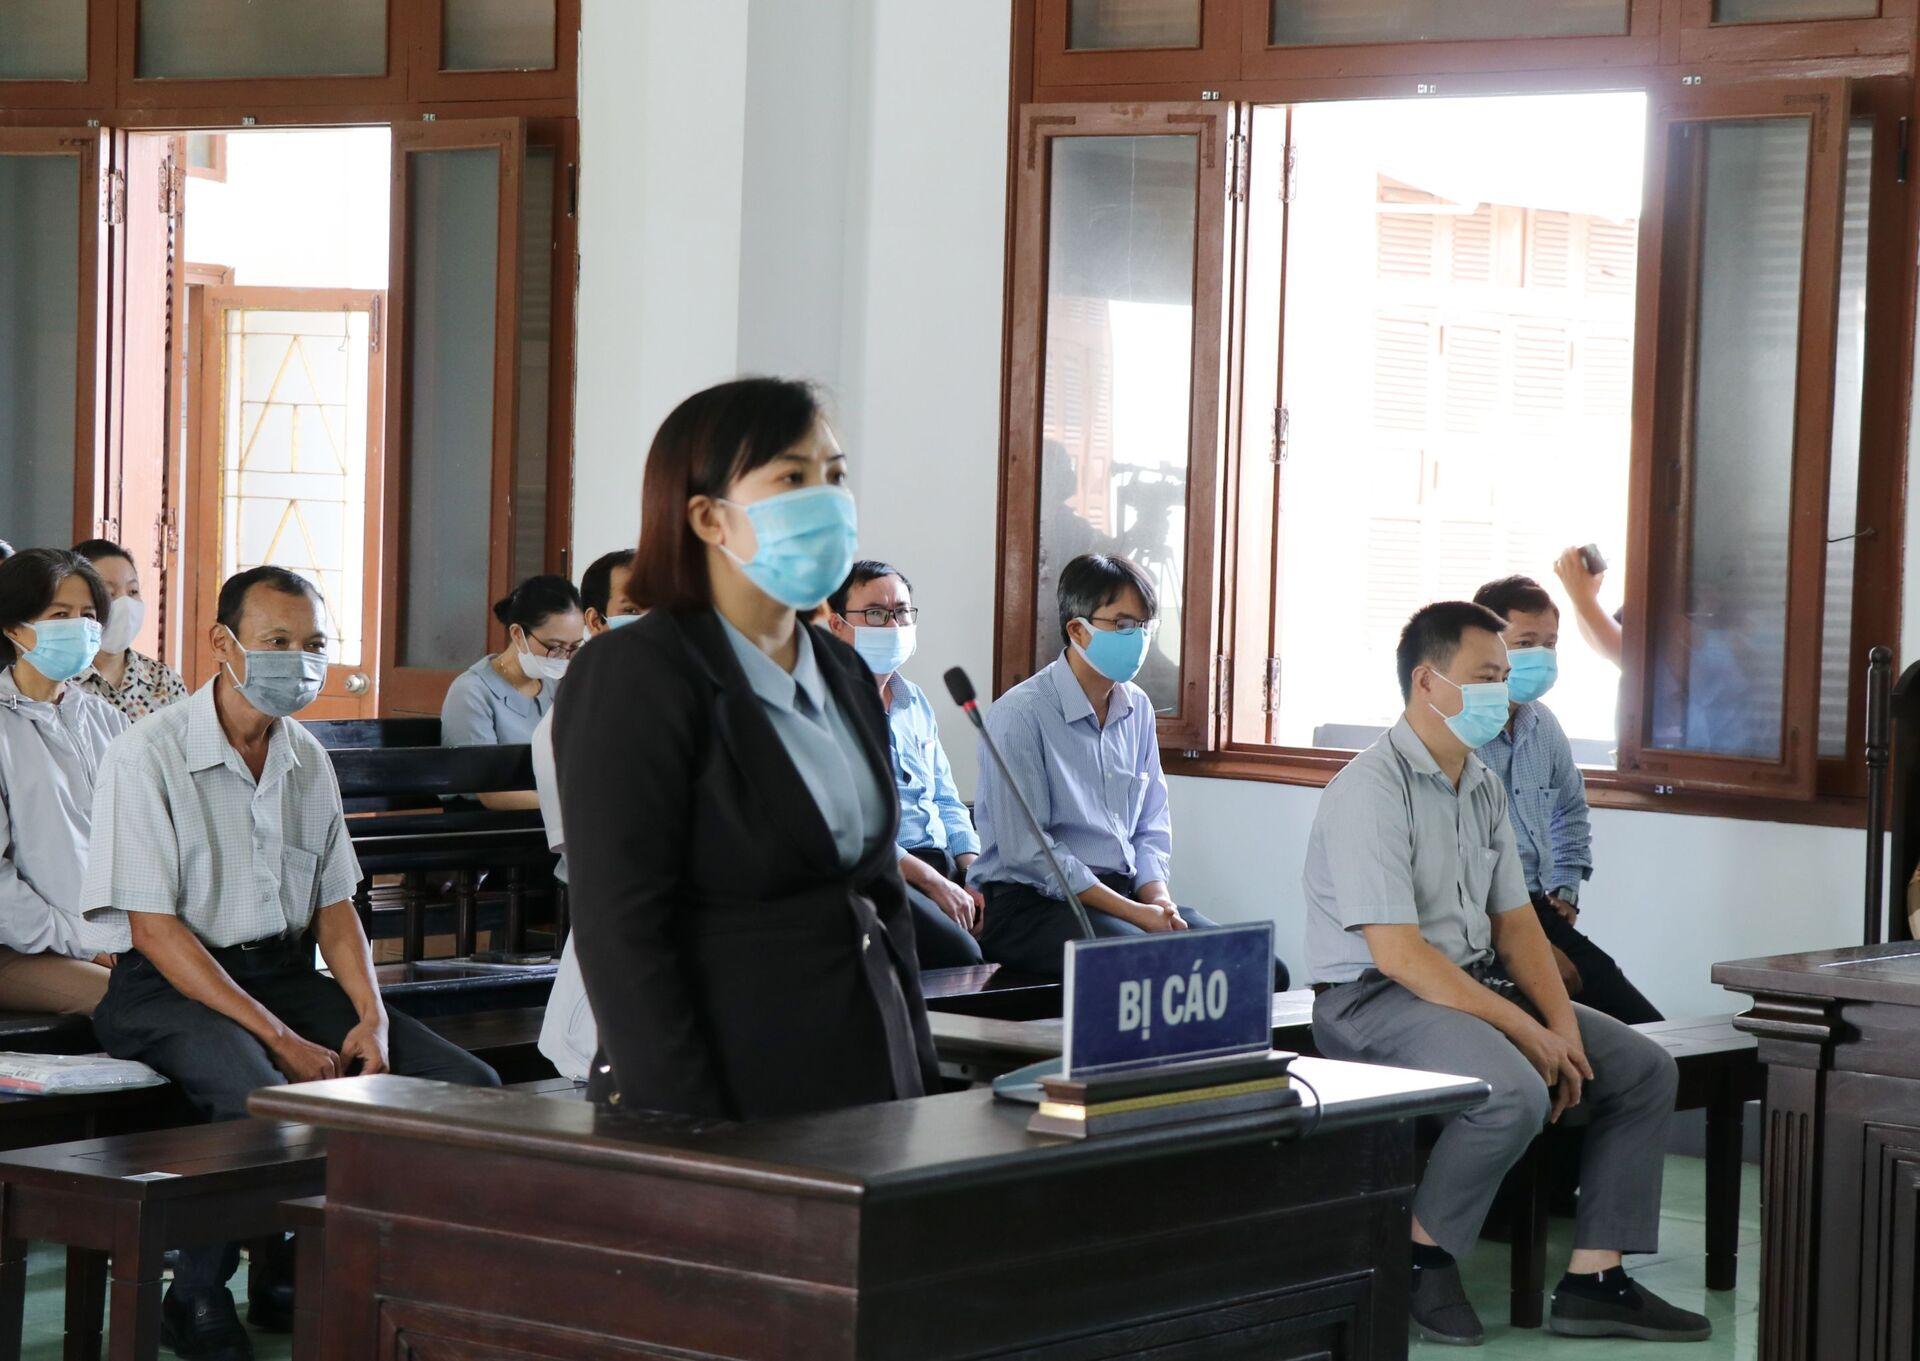 Bị cáo Vũ Thị Thái Hòa, nguyên Chuyên viên phòng Tổ chức-Công chức-Viên chức (Sở Nội vụ) tại phiên tòa - Sputnik Việt Nam, 1920, 05.10.2021